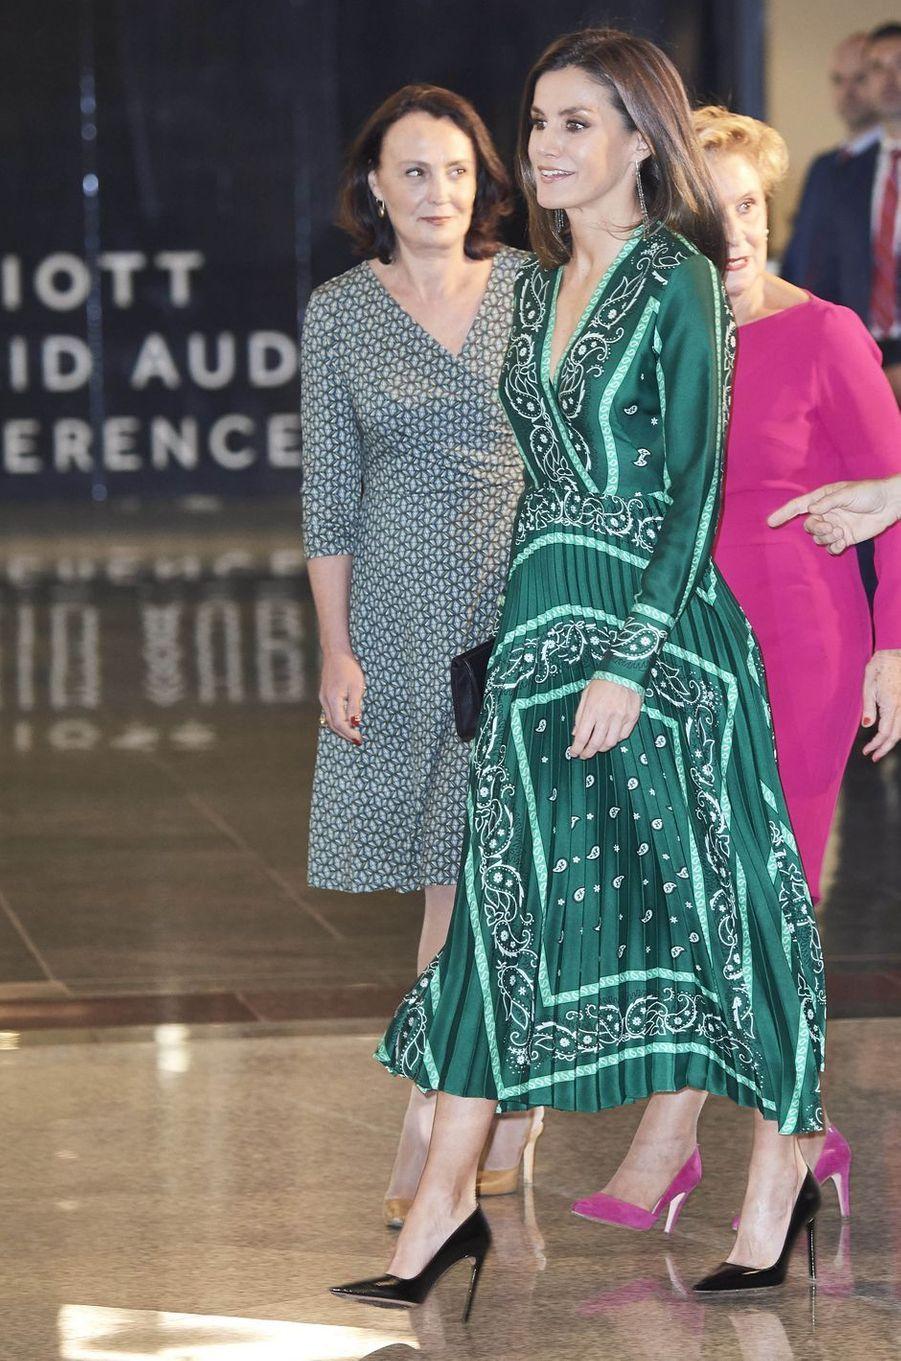 La reine Letizia d'Espagne dans une robe Sandro à Madrid, le 13 décembre 2018